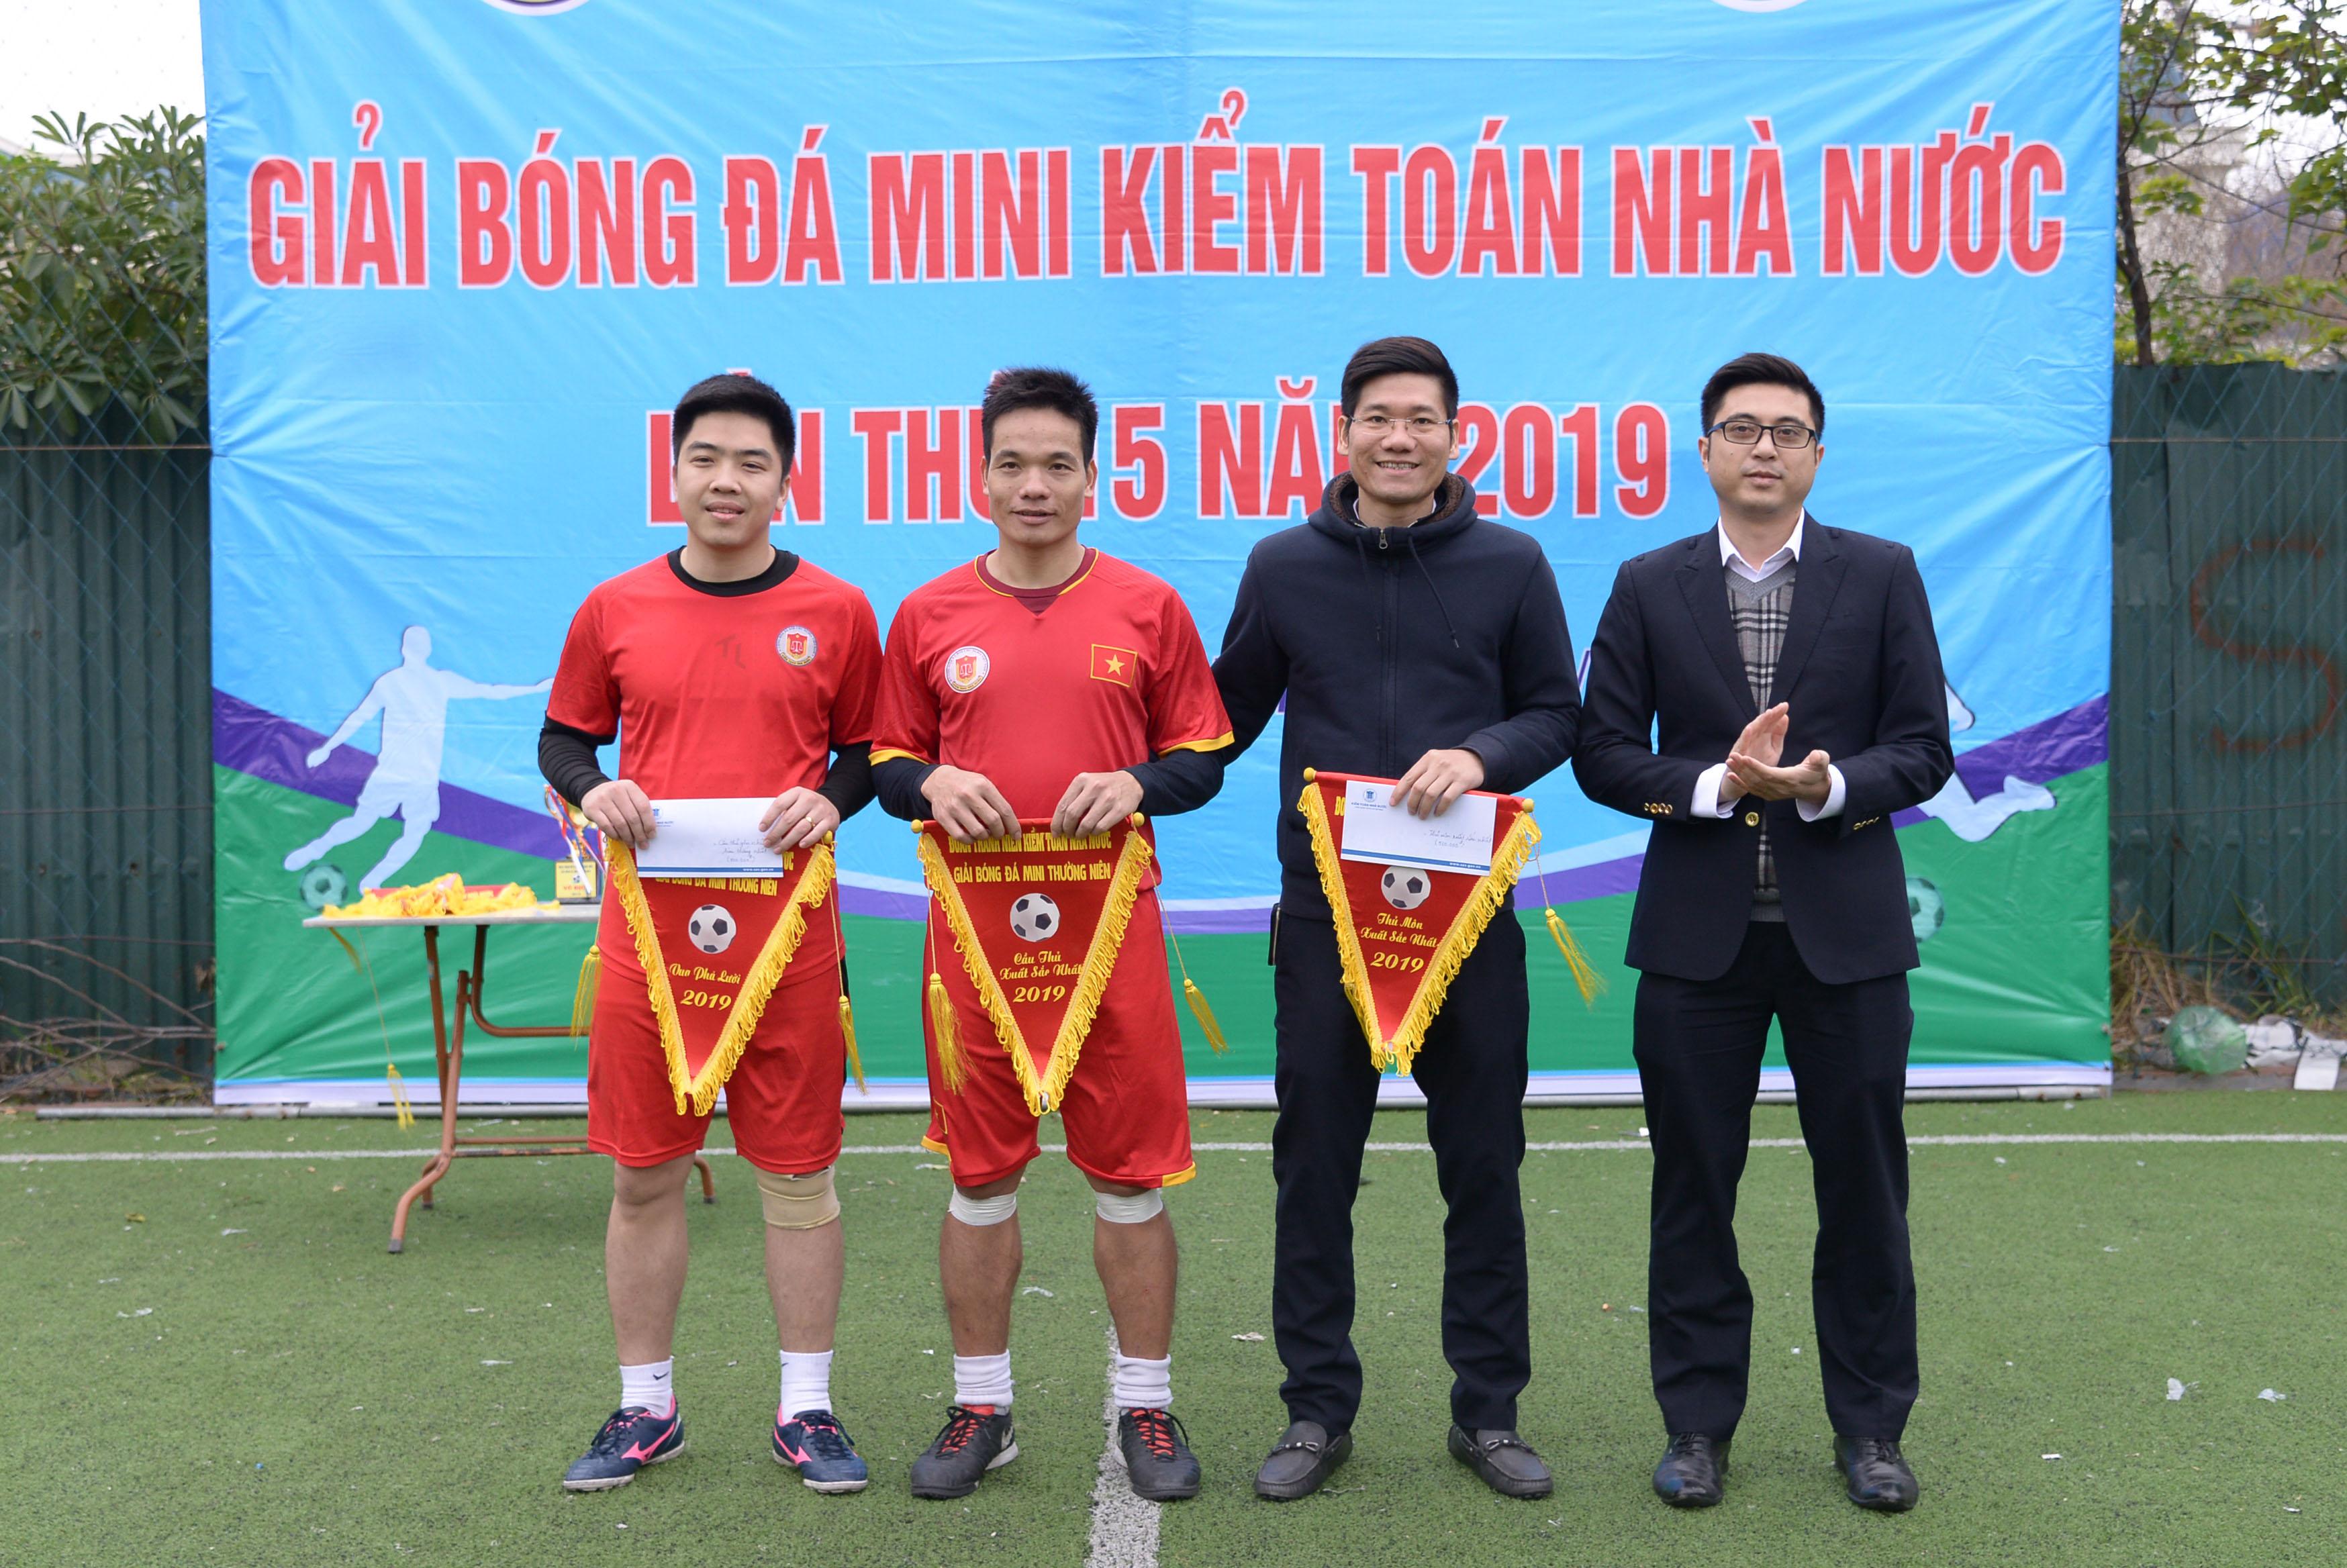 KTNN khu vực II vô địch Giải bóng đá mini Kiểm toán Nhà nước lần thứ 15